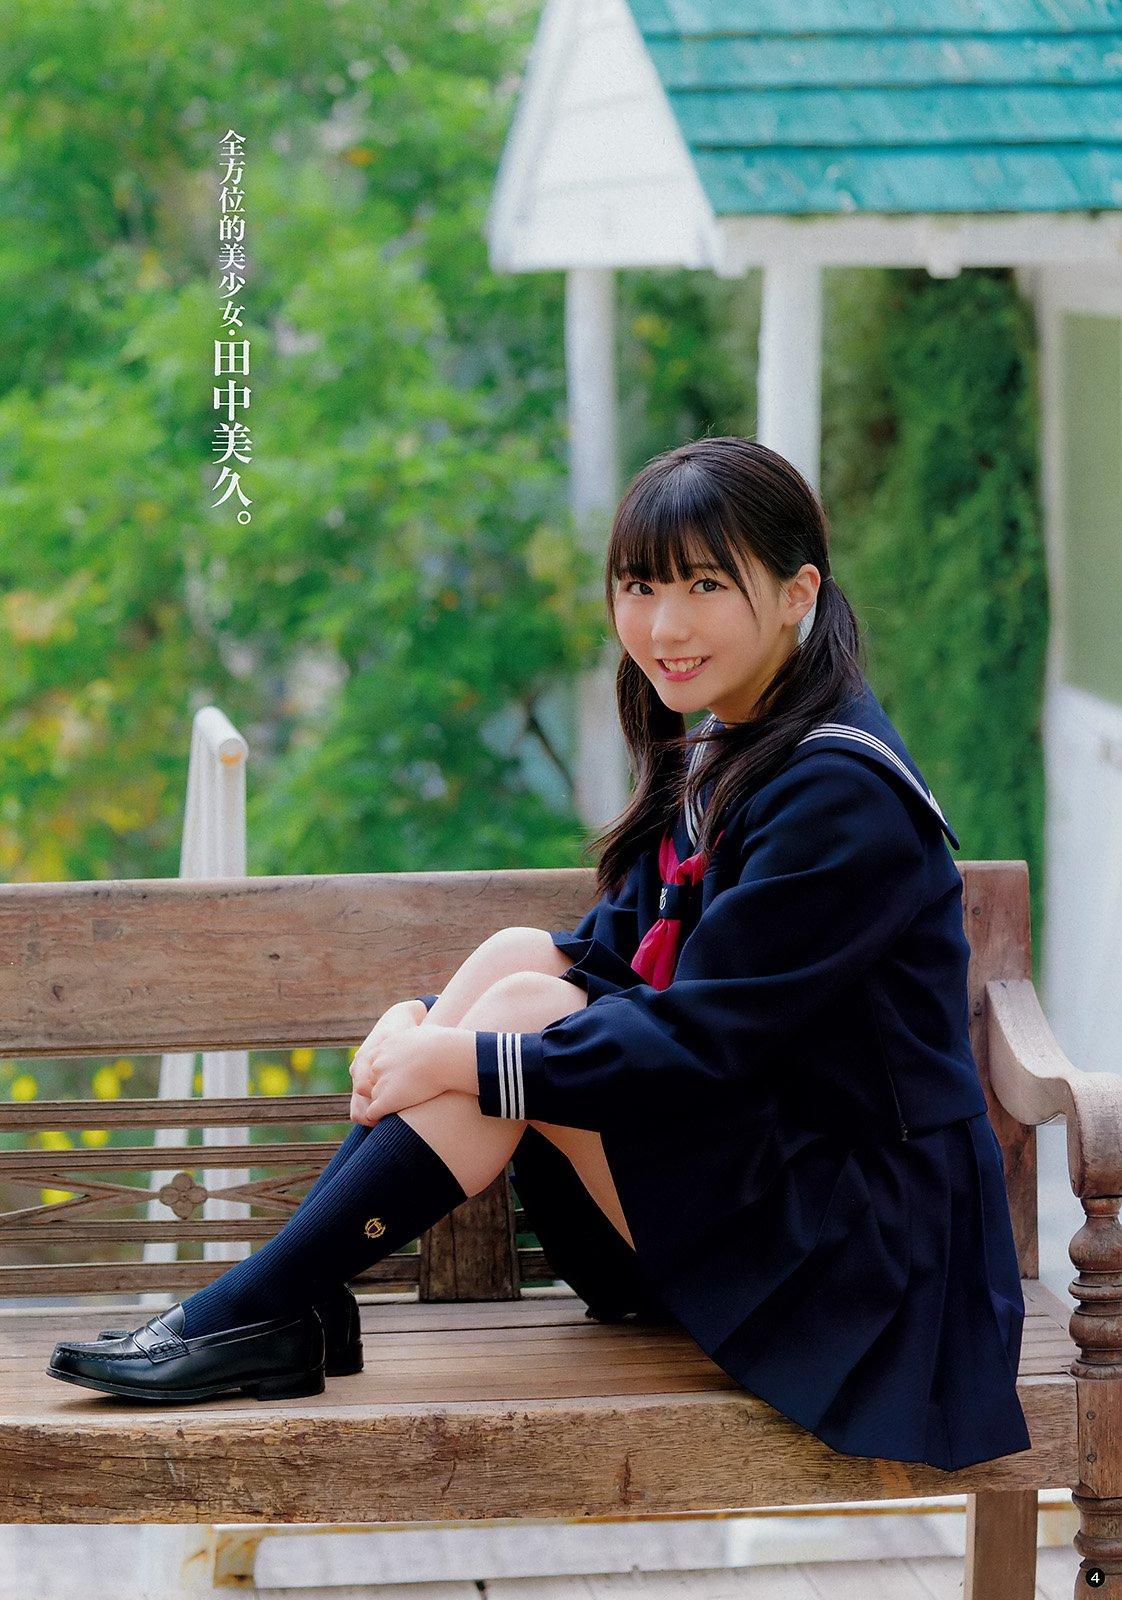 타나카 미쿠(田中美久, たなか みく) - 영 챔피언 2018 No.05